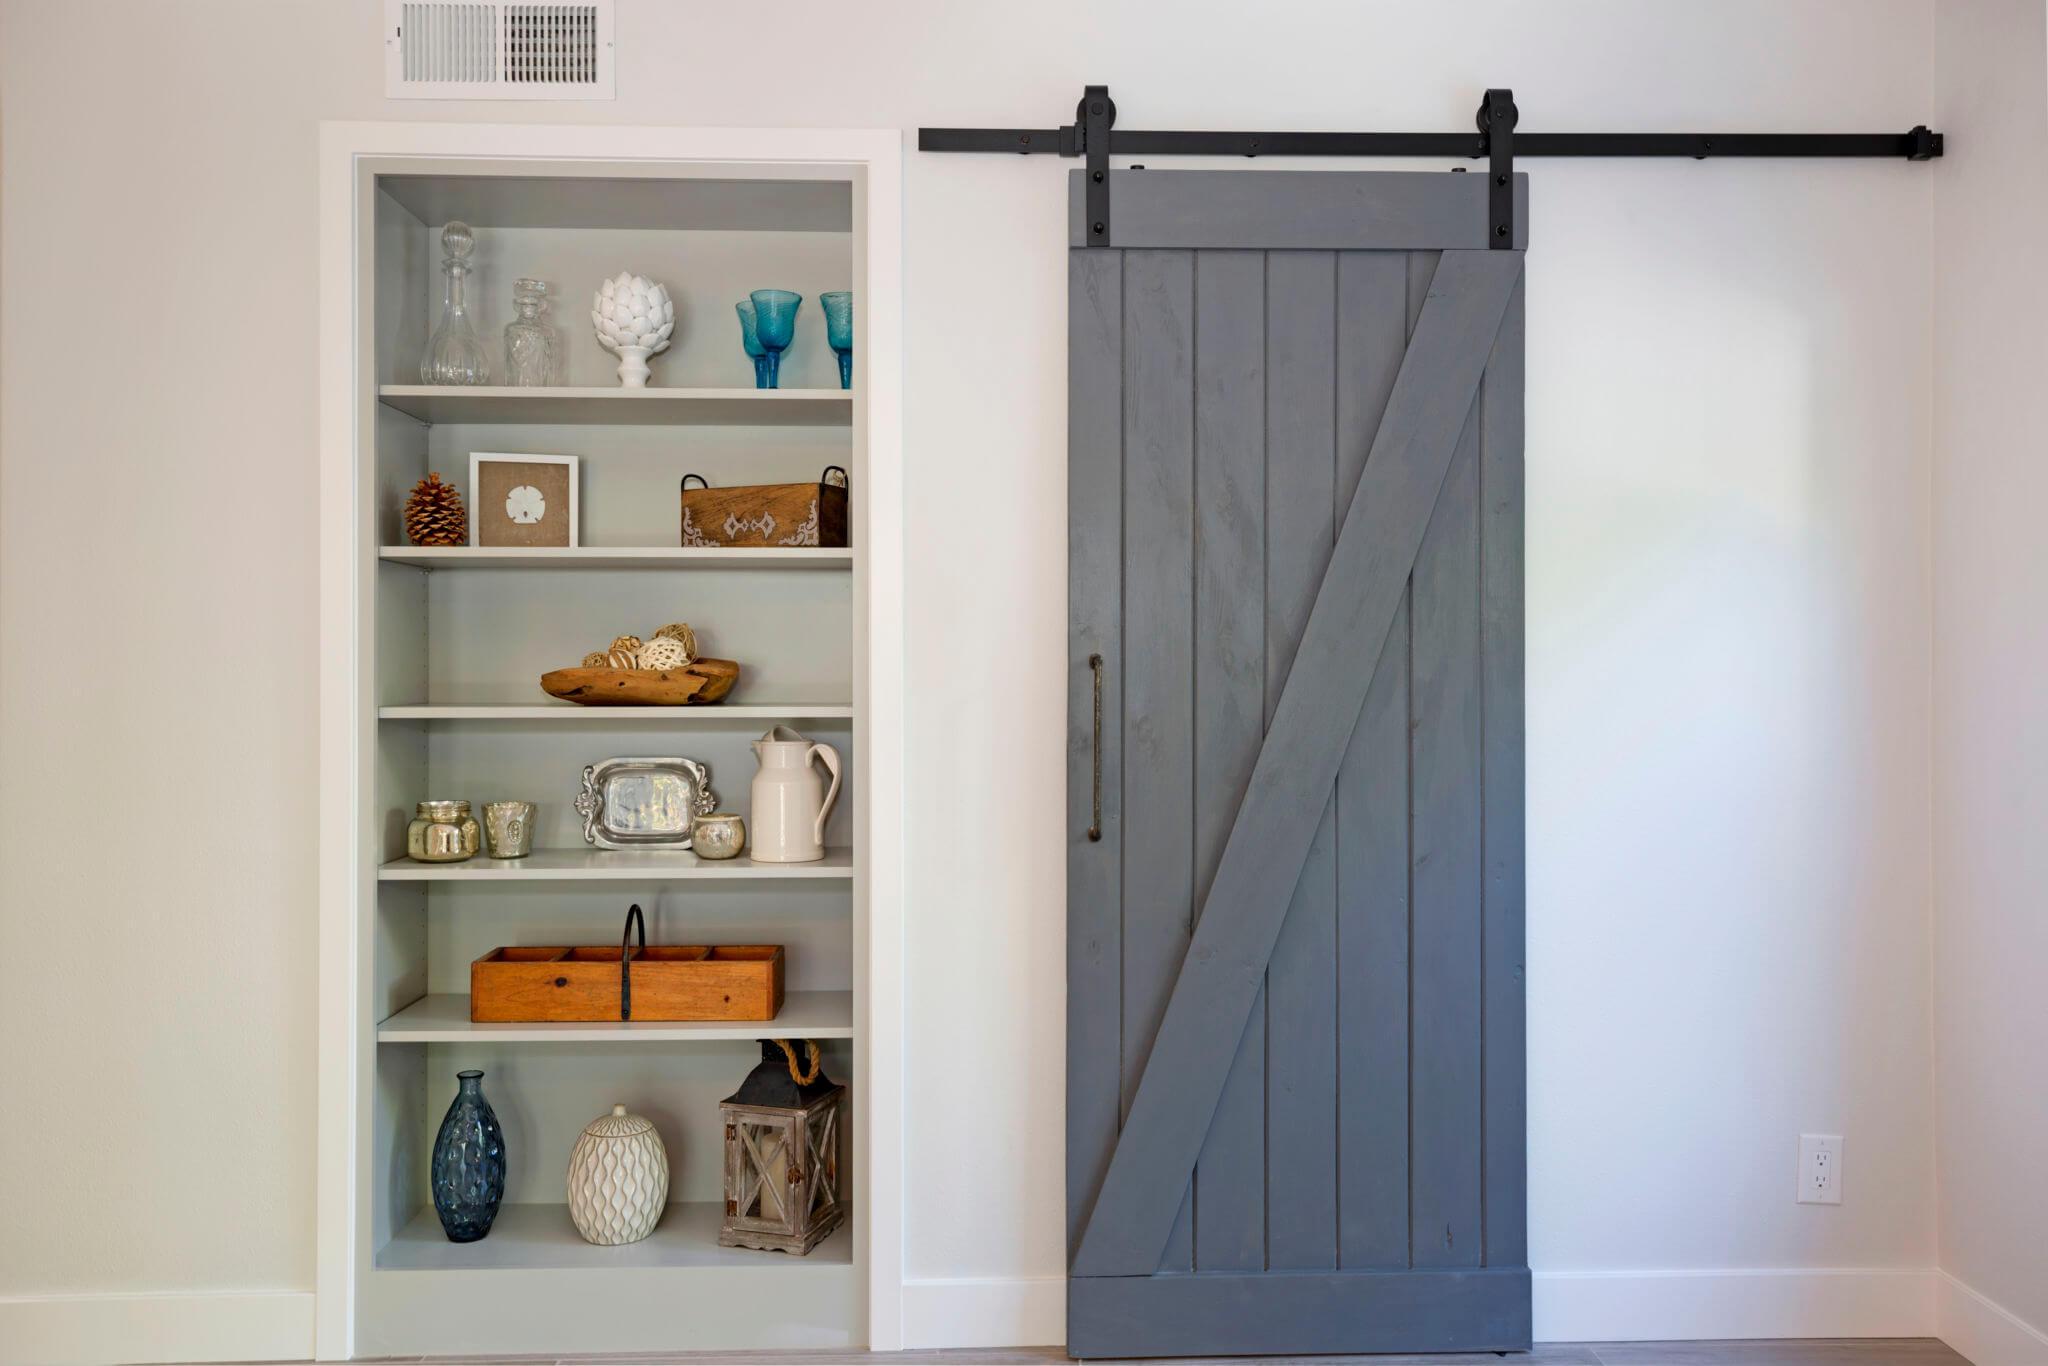 Living Space Barn Door, Barn Door in Remodeled Living Room, Remodeled Laundry Room with Barn Door